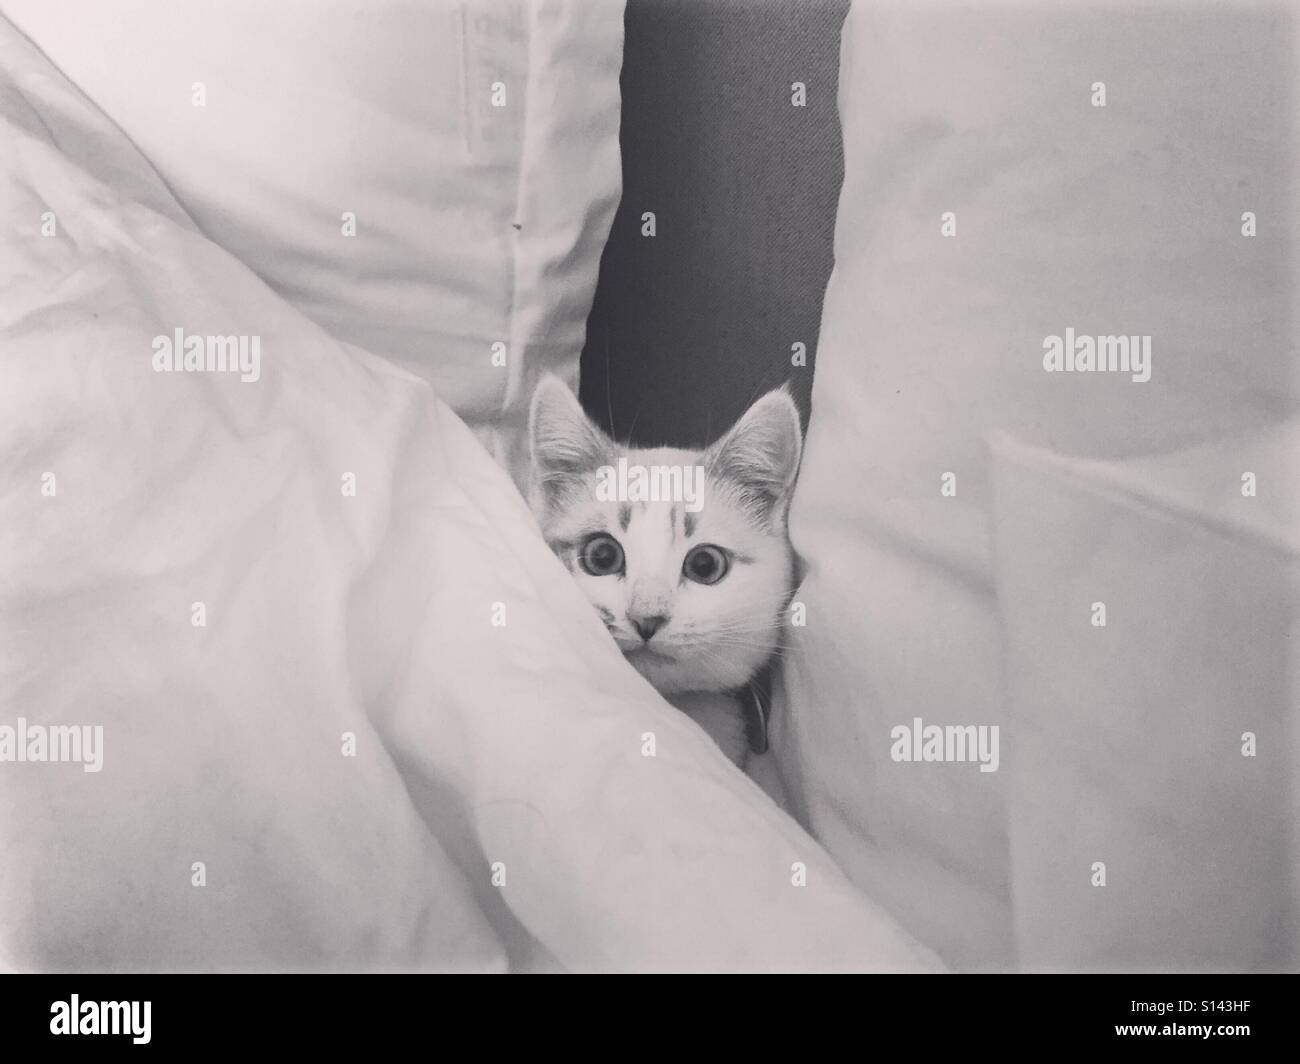 Ein lustiges Foto einer weißen Katze versteckt sich in weißen Kissen und decken. Stockbild